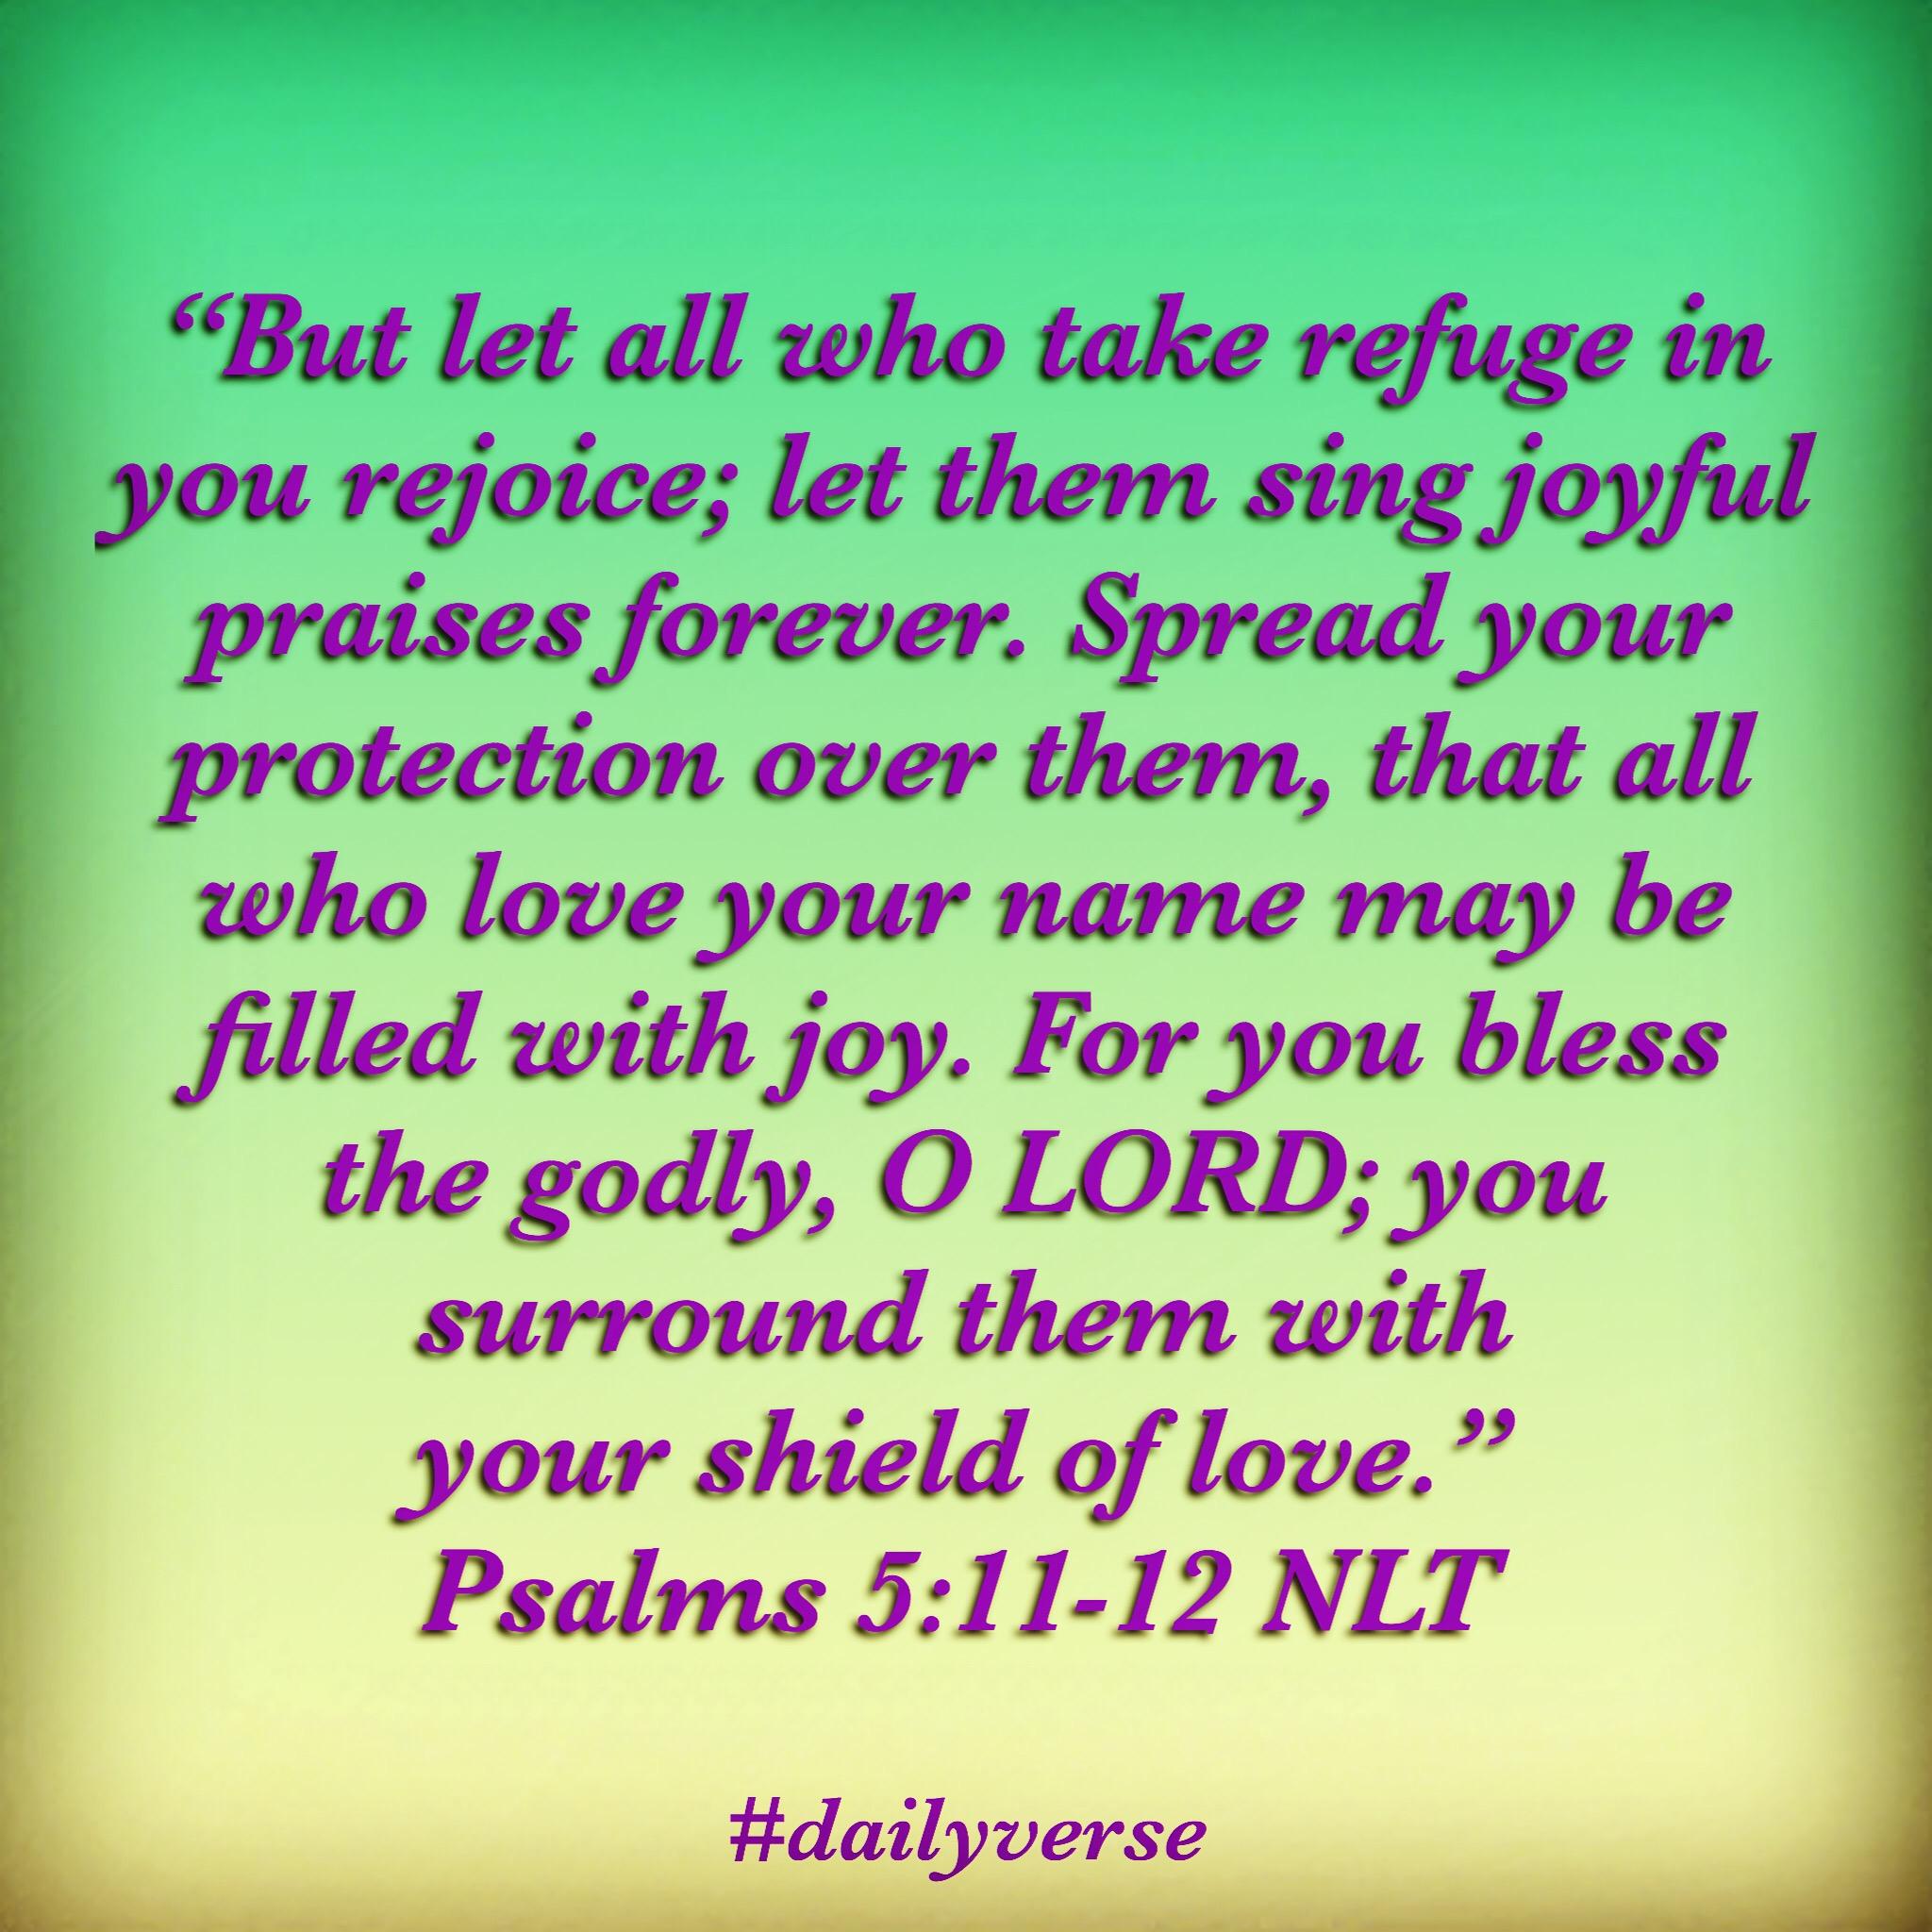 Psalms 5:11-12